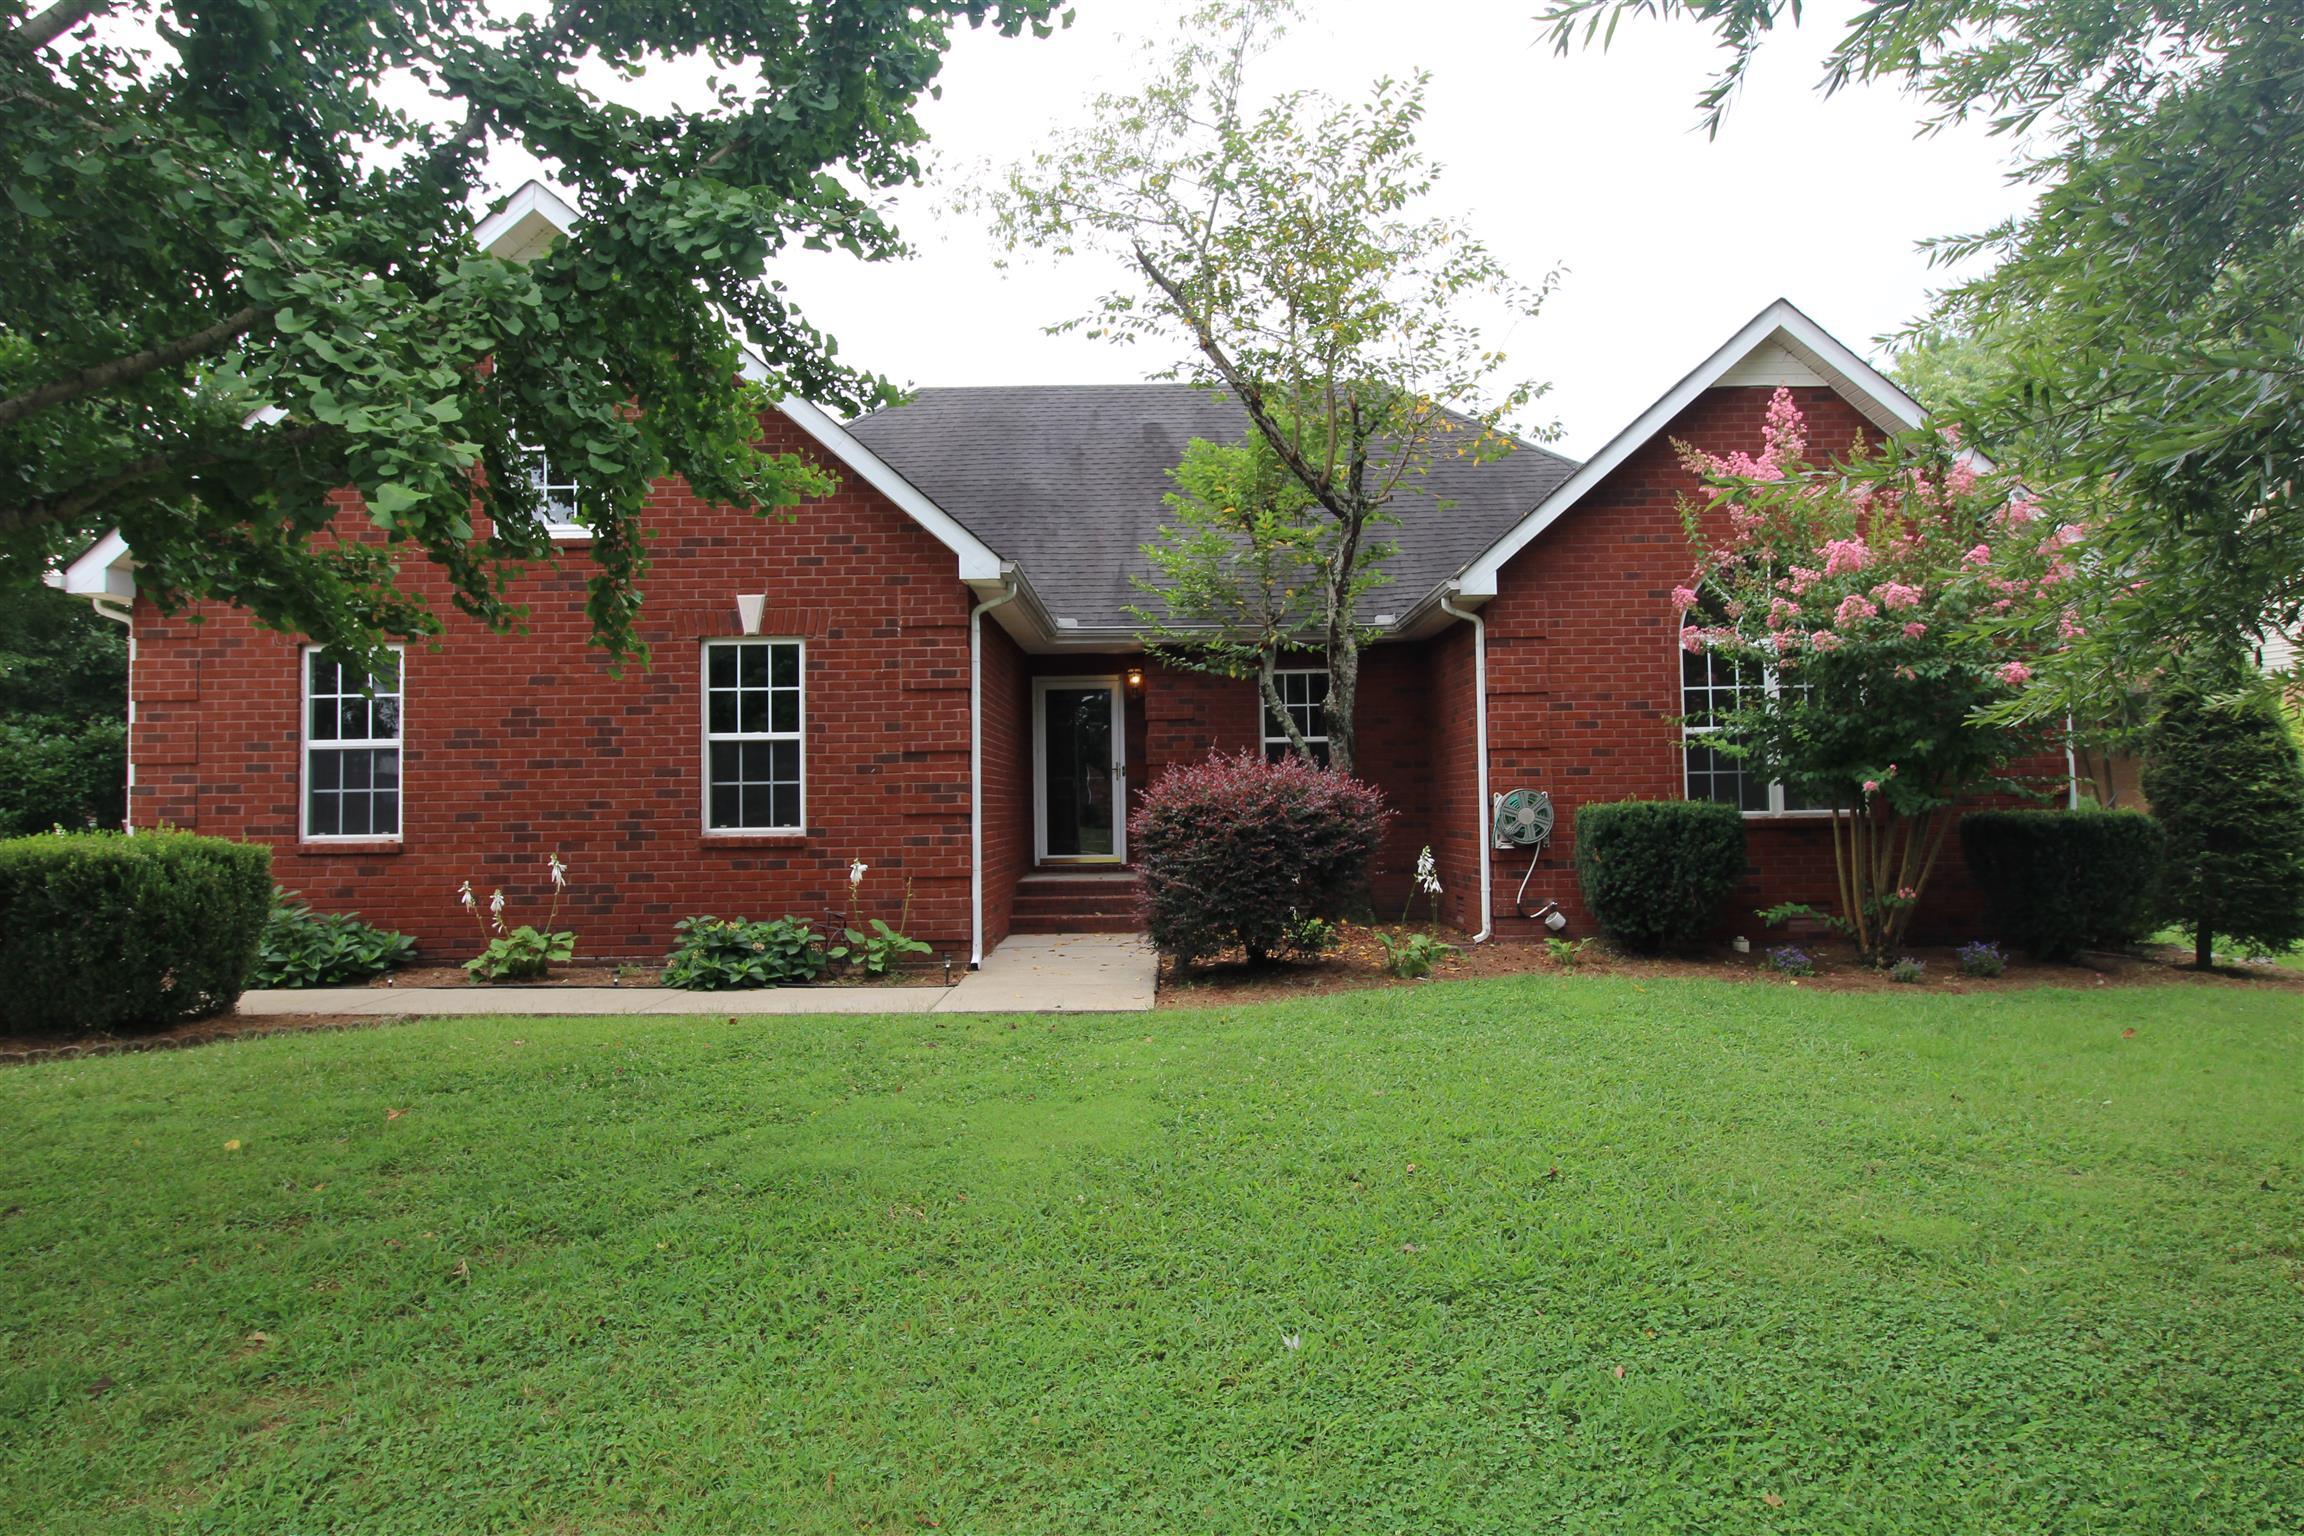 1707 Claire Ct, Murfreesboro, TN 37129 - Murfreesboro, TN real estate listing